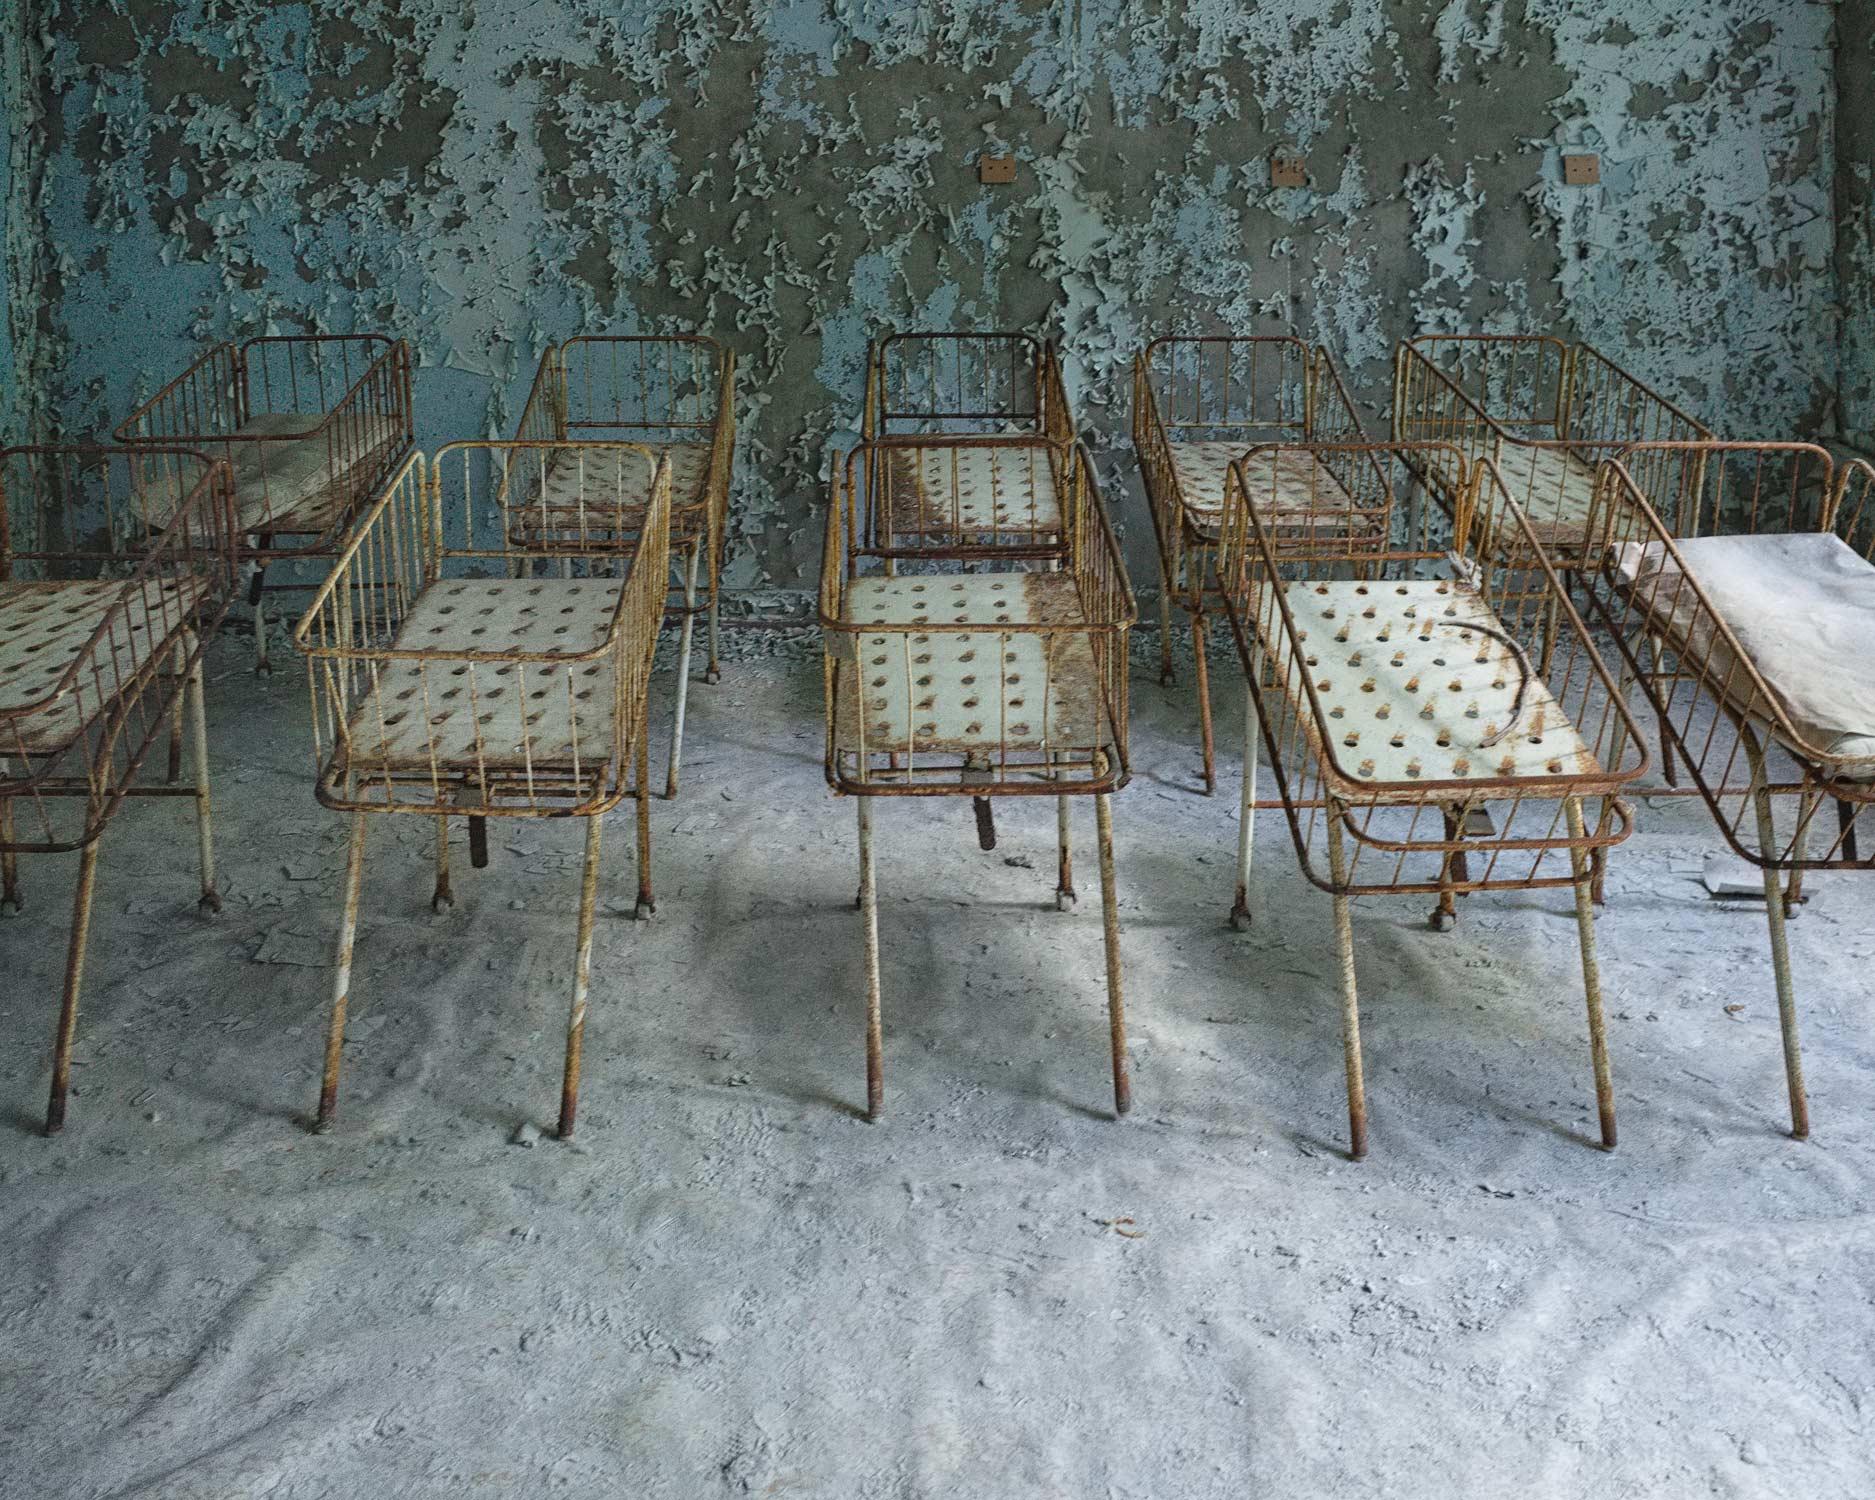 232_chernobyl_Hospital126_w.jpg